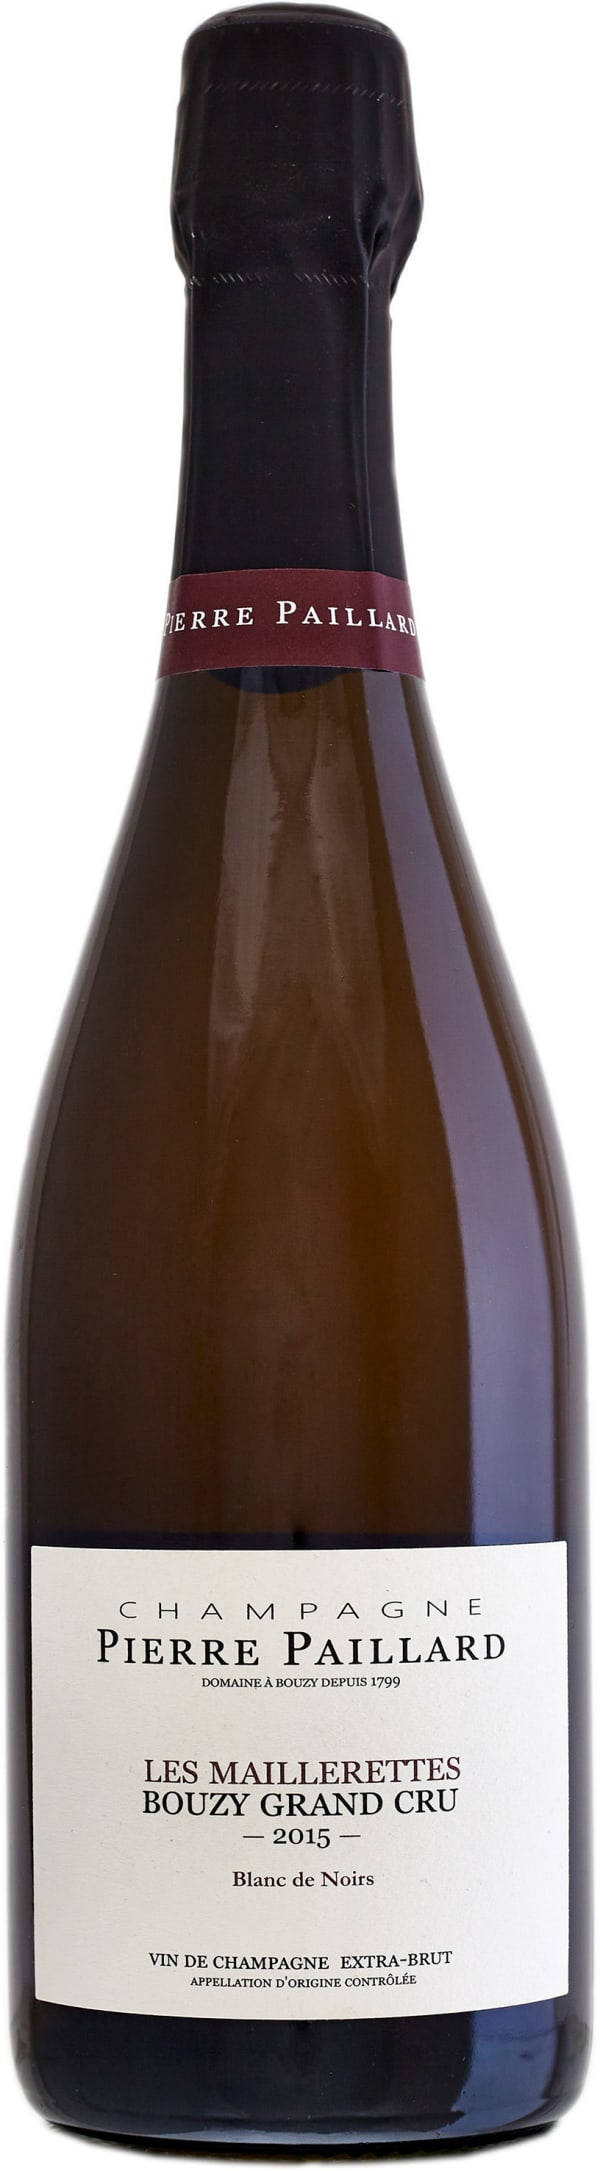 Pierre Paillard Les Maillerettes Grand Cru Blanc de Noirs Champagne Extra Brut 2014